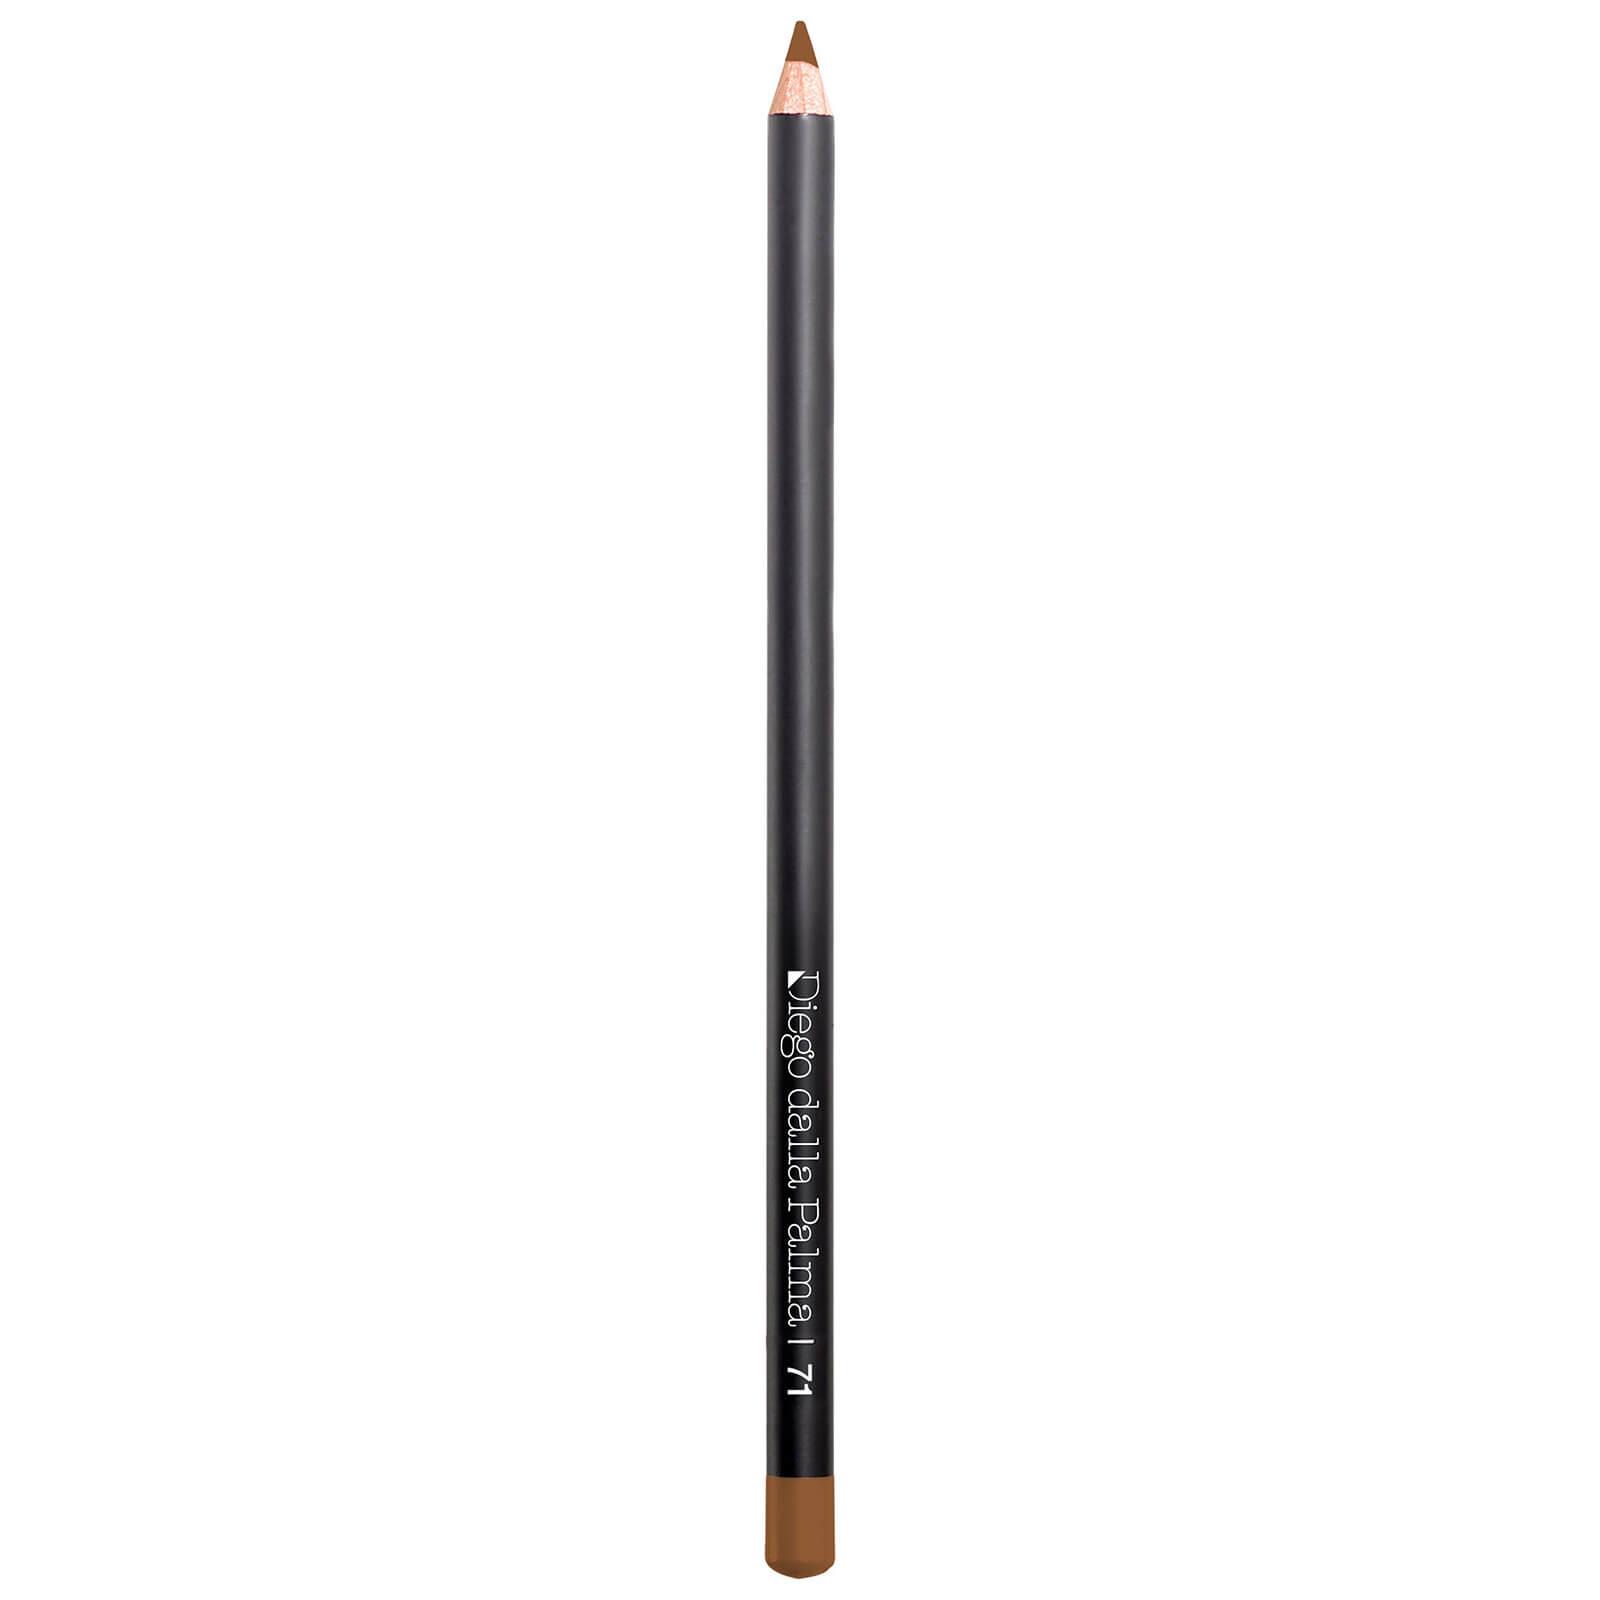 Купить Контурный карандаш для губ diego dalla palma Lip Pencil 1, 5 г (различные оттенки) - 71 Coffee